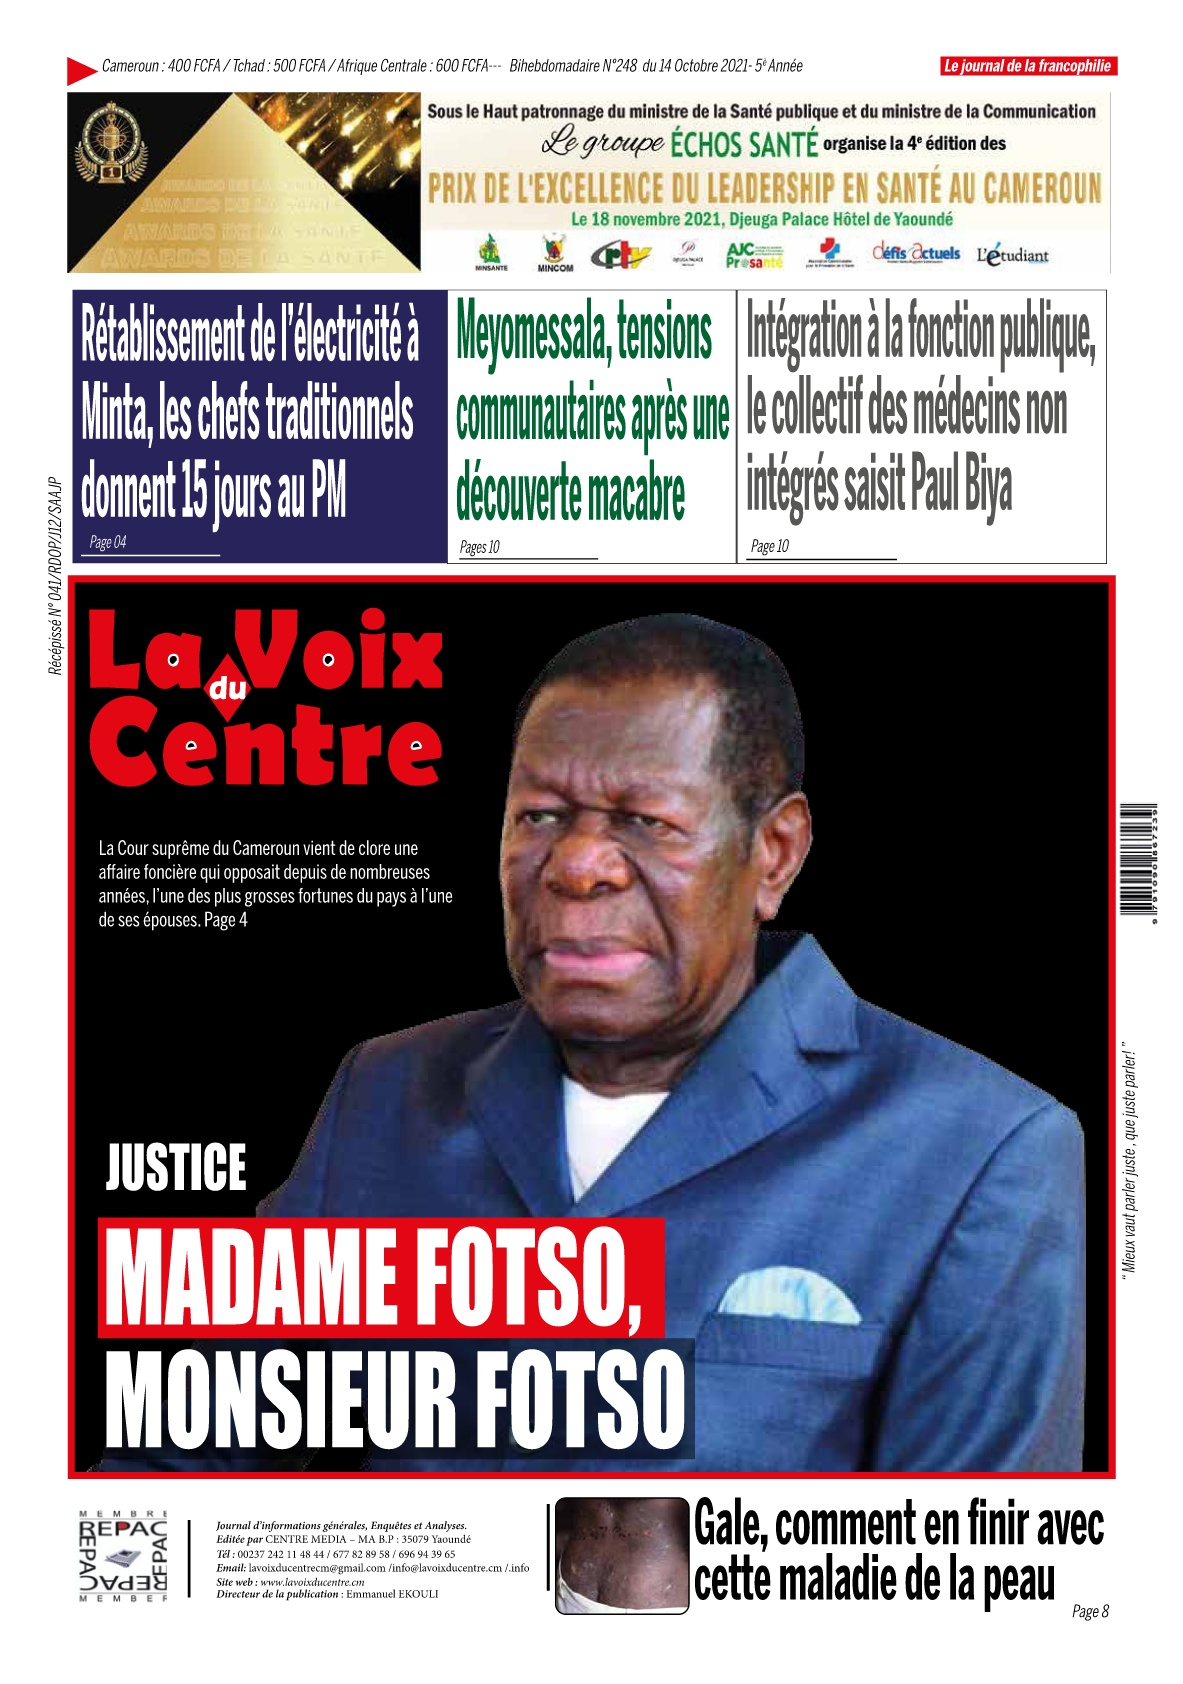 LA VOIX DU CENTRE - 14/10/2021